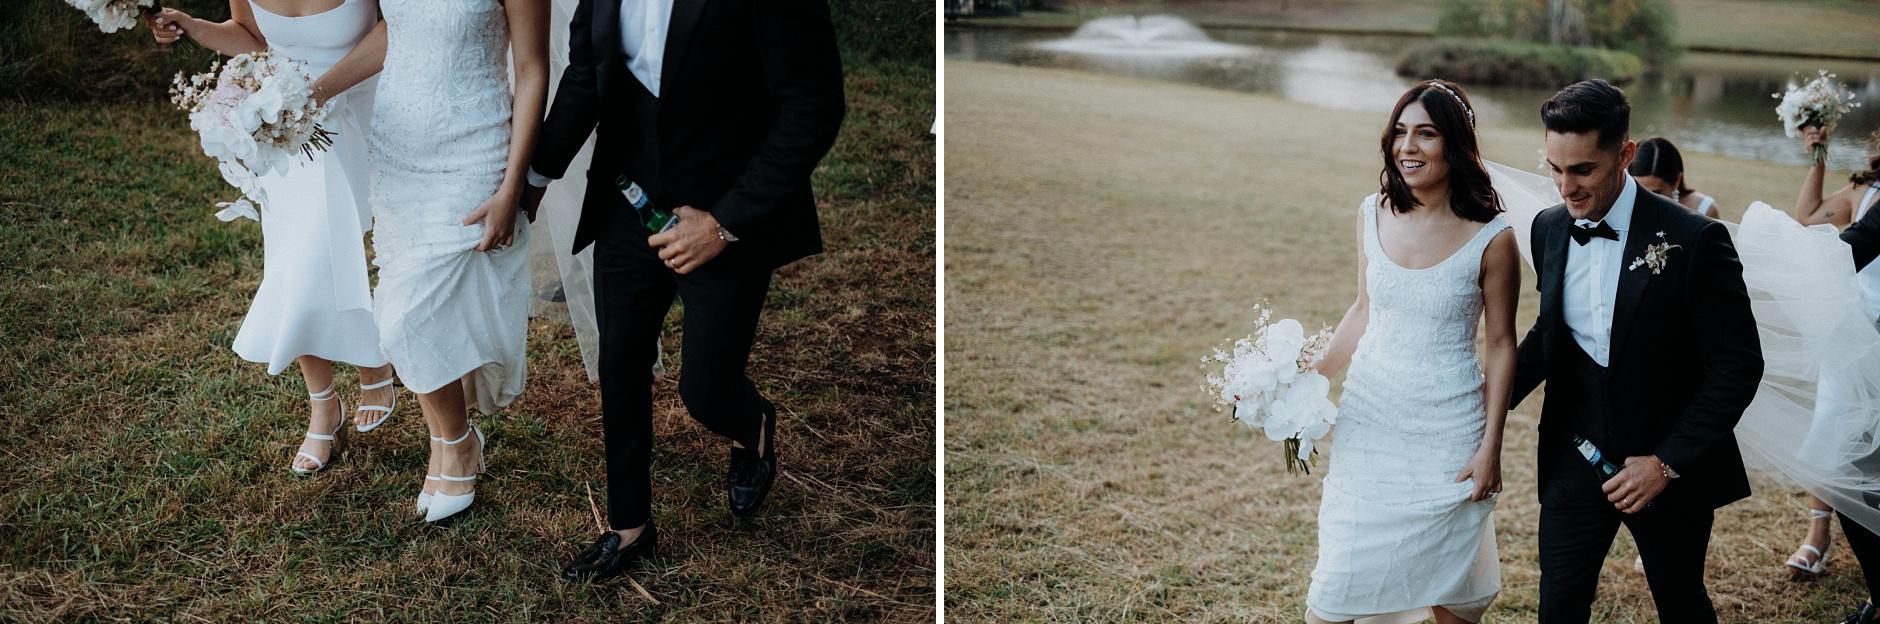 cassandra&cameron0633a_Peppers-Creek-Wedding.jpg